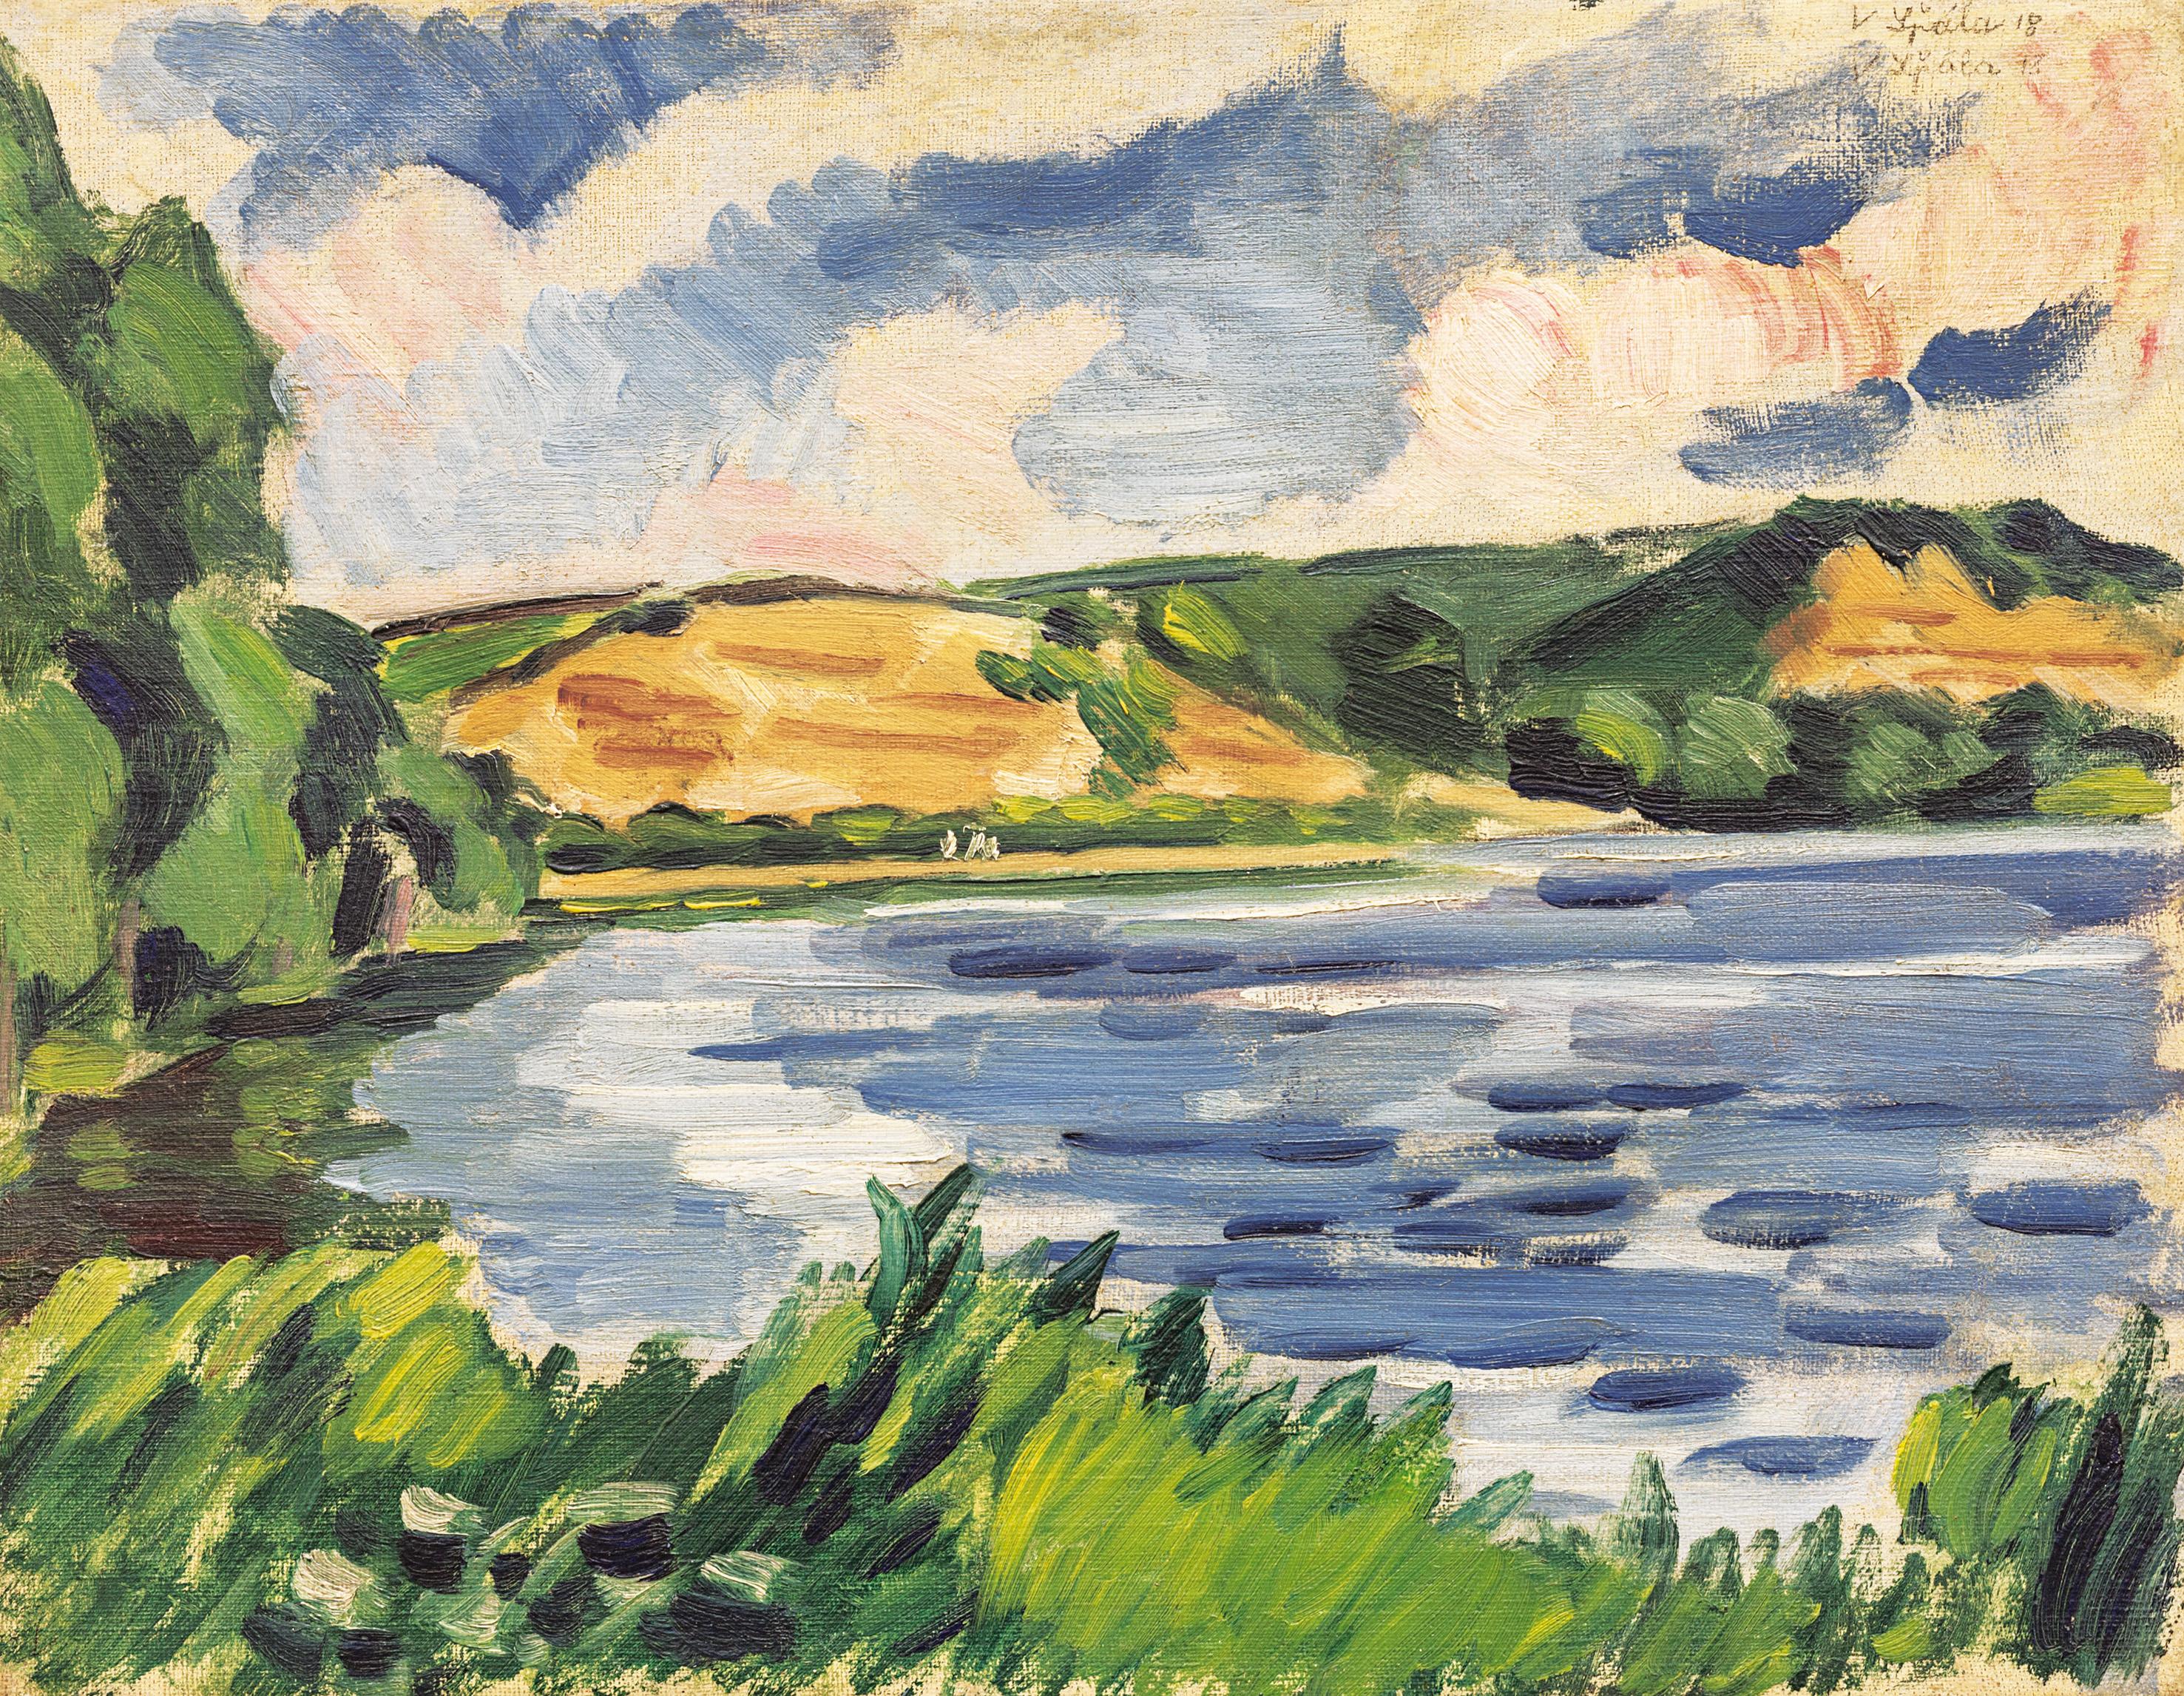 aukce obrazů - aukční síň european arts, aukční síně praha, aukce obrazů Václav Špála